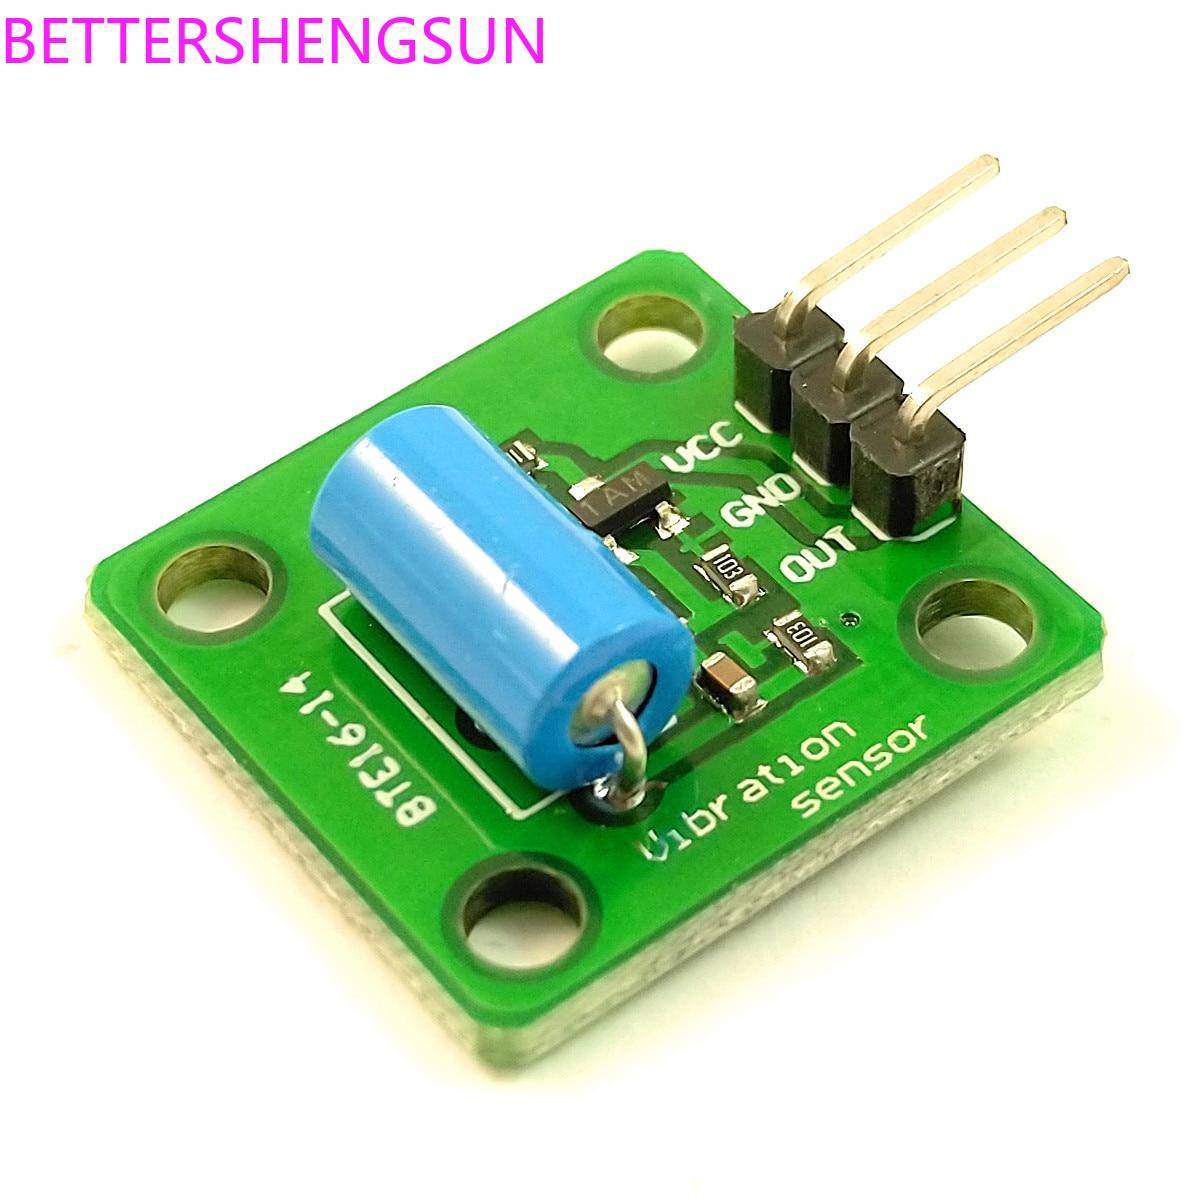 High-sensitivity Vibration Vibration Sensor Module HDX-2 / SW-420 Vibration Switch Alarm Induction Module